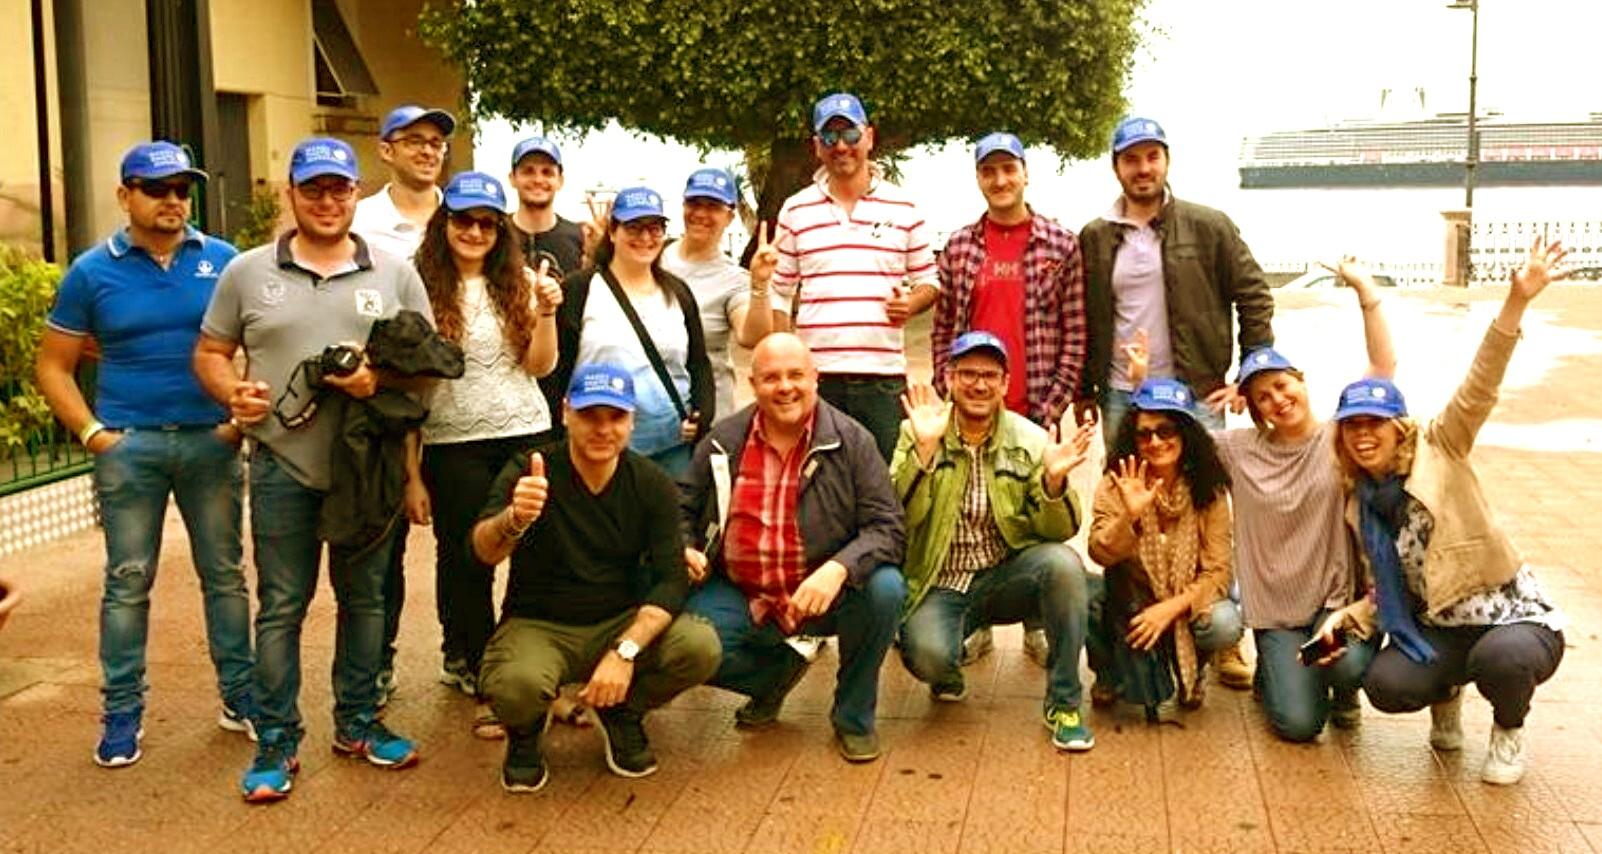 Giardini la maratona fotografica della pro loco for Pro loco taormina